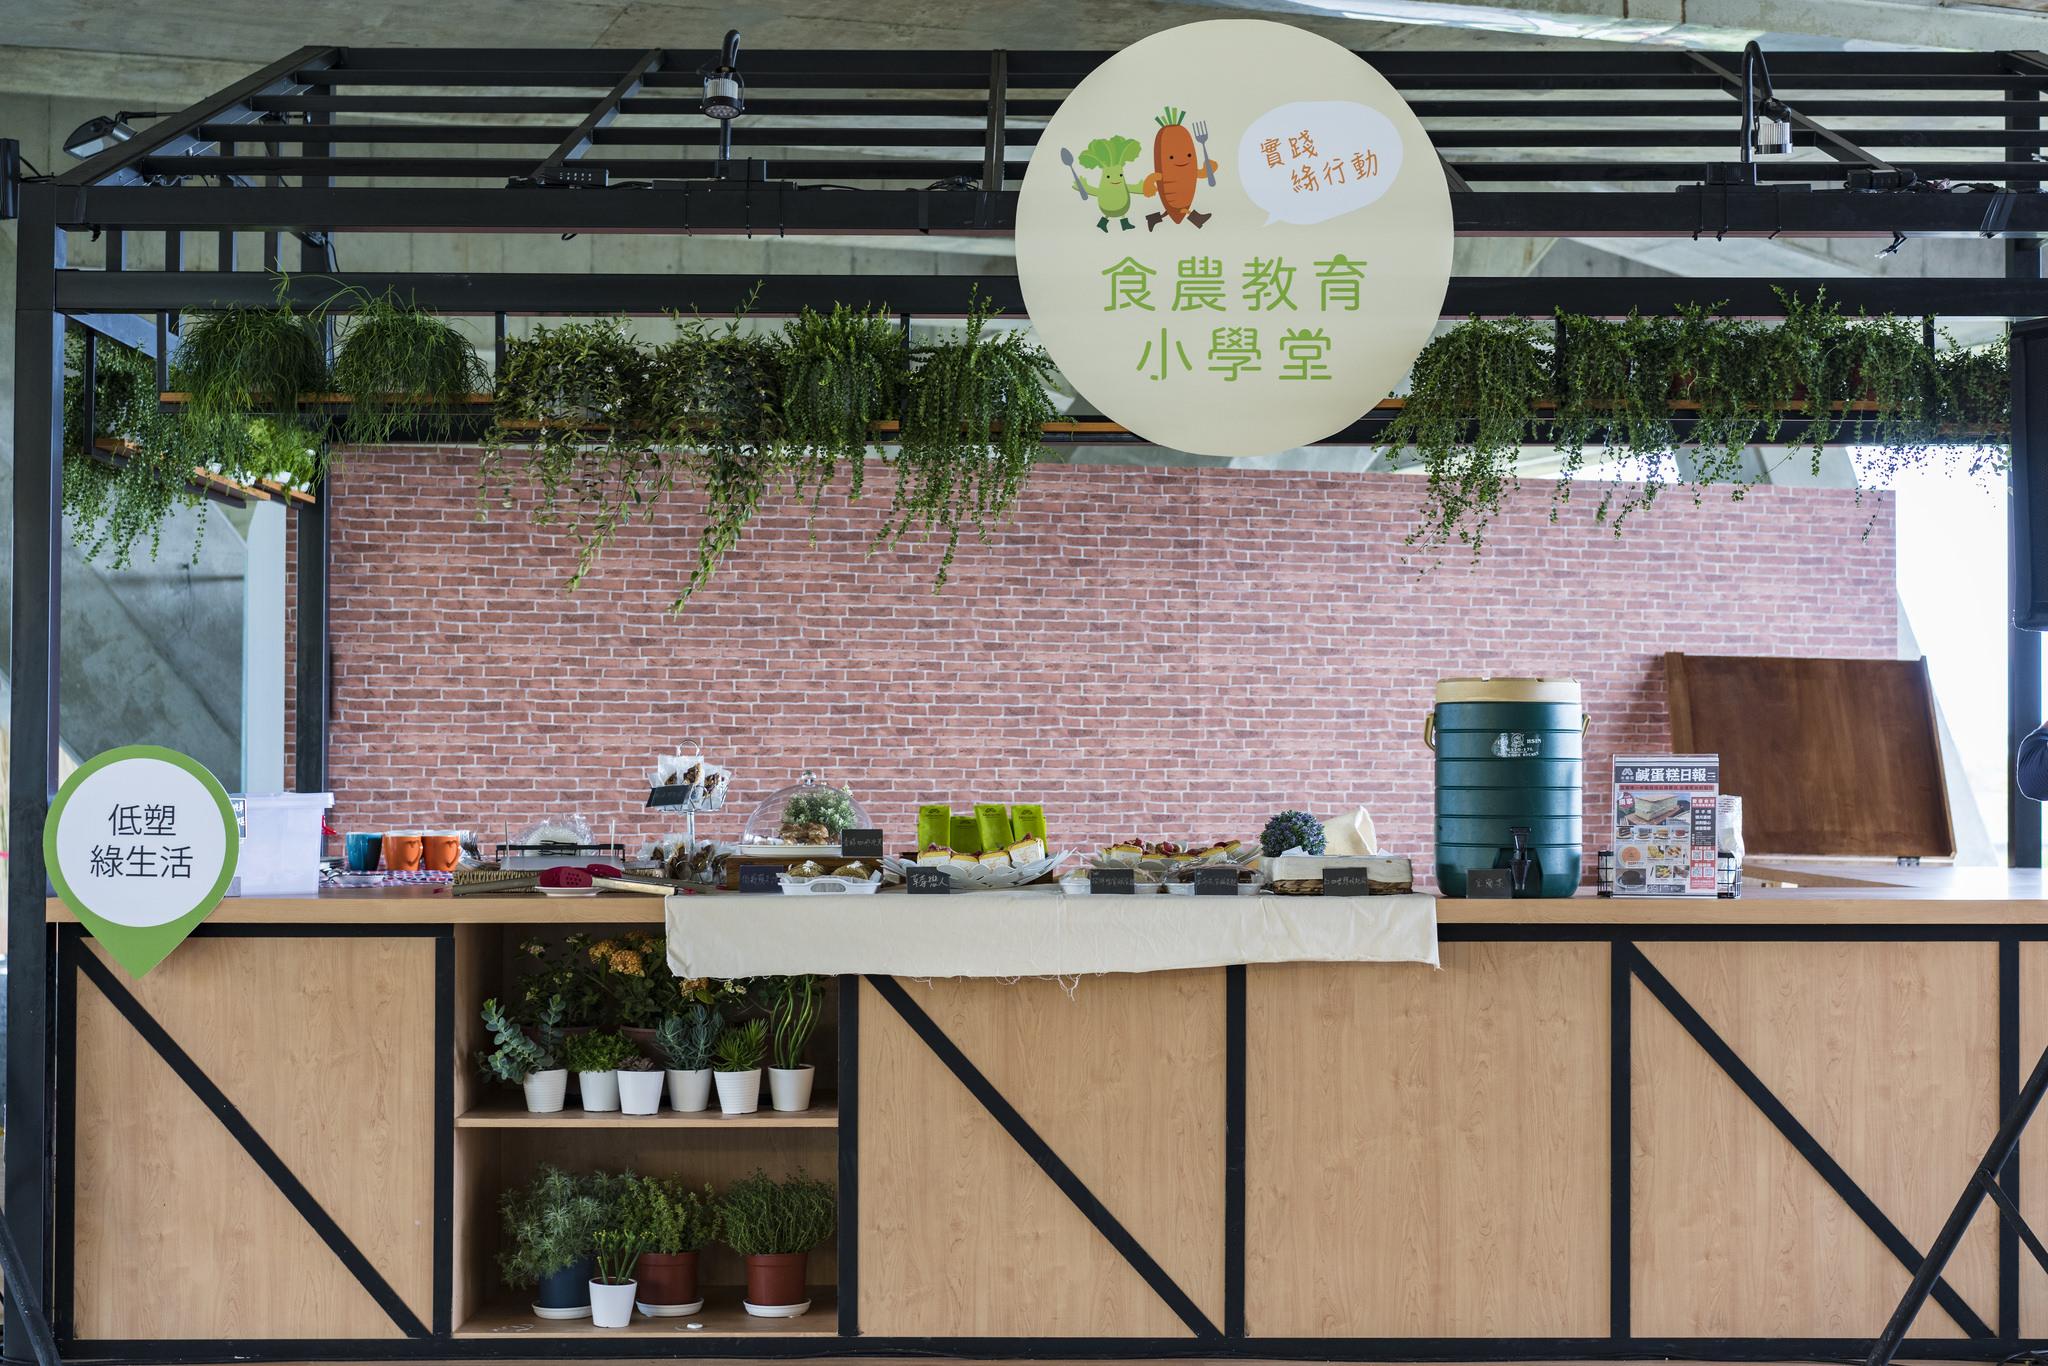 【2018宜蘭綠色博覽會】從產地到餐桌「食農教育小學堂」的綠食物限量體驗課!